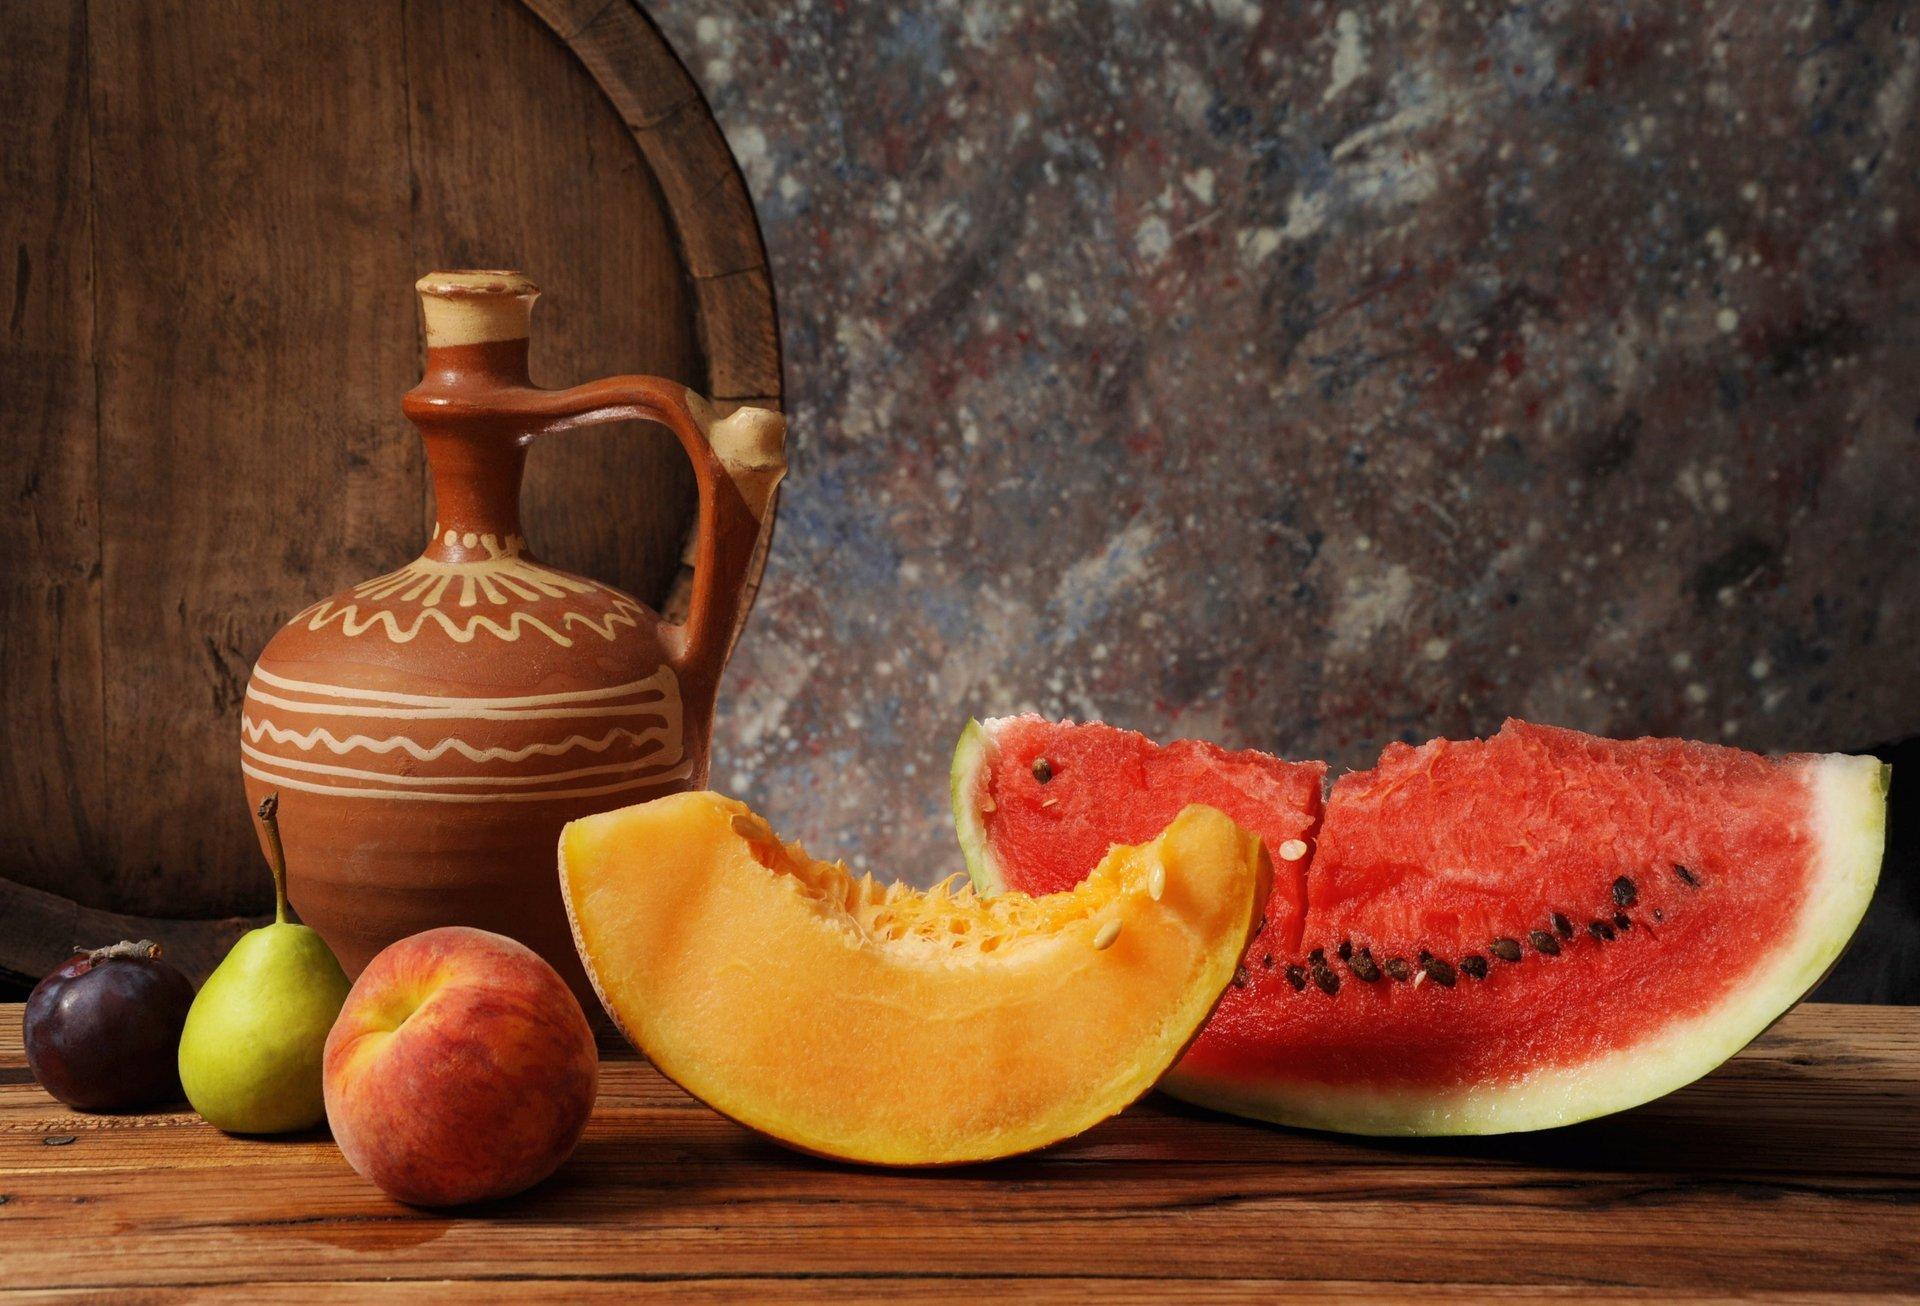 Фото натюрмортов с цветами и фруктами высокого качества